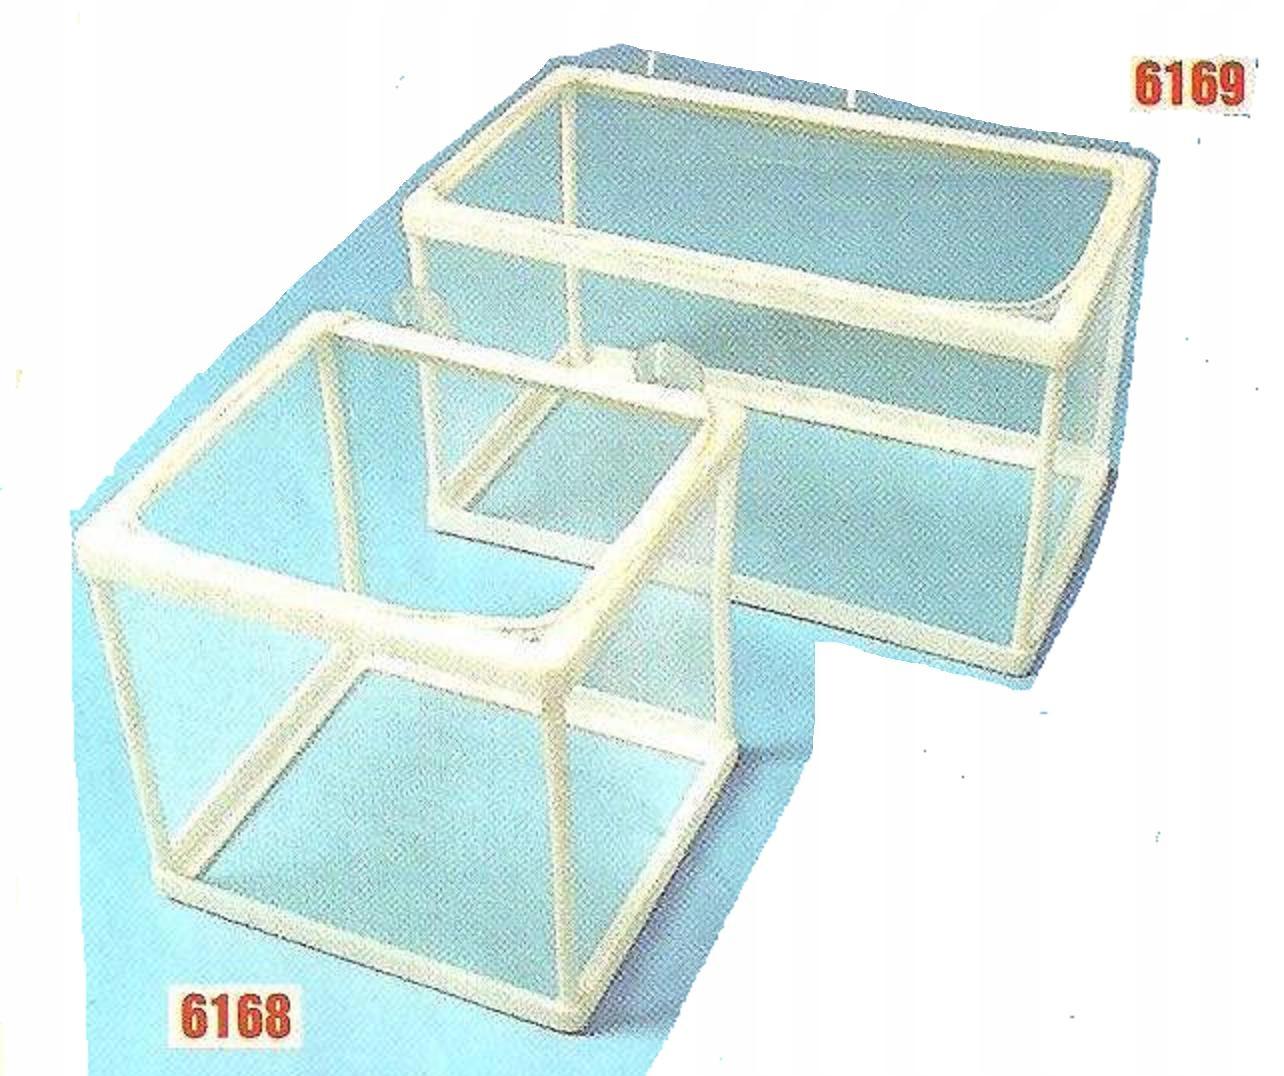 ALKO 6169 PLAYPEN PRE RYBY 26,5 x 15,5 x 15,5 cm 30sz